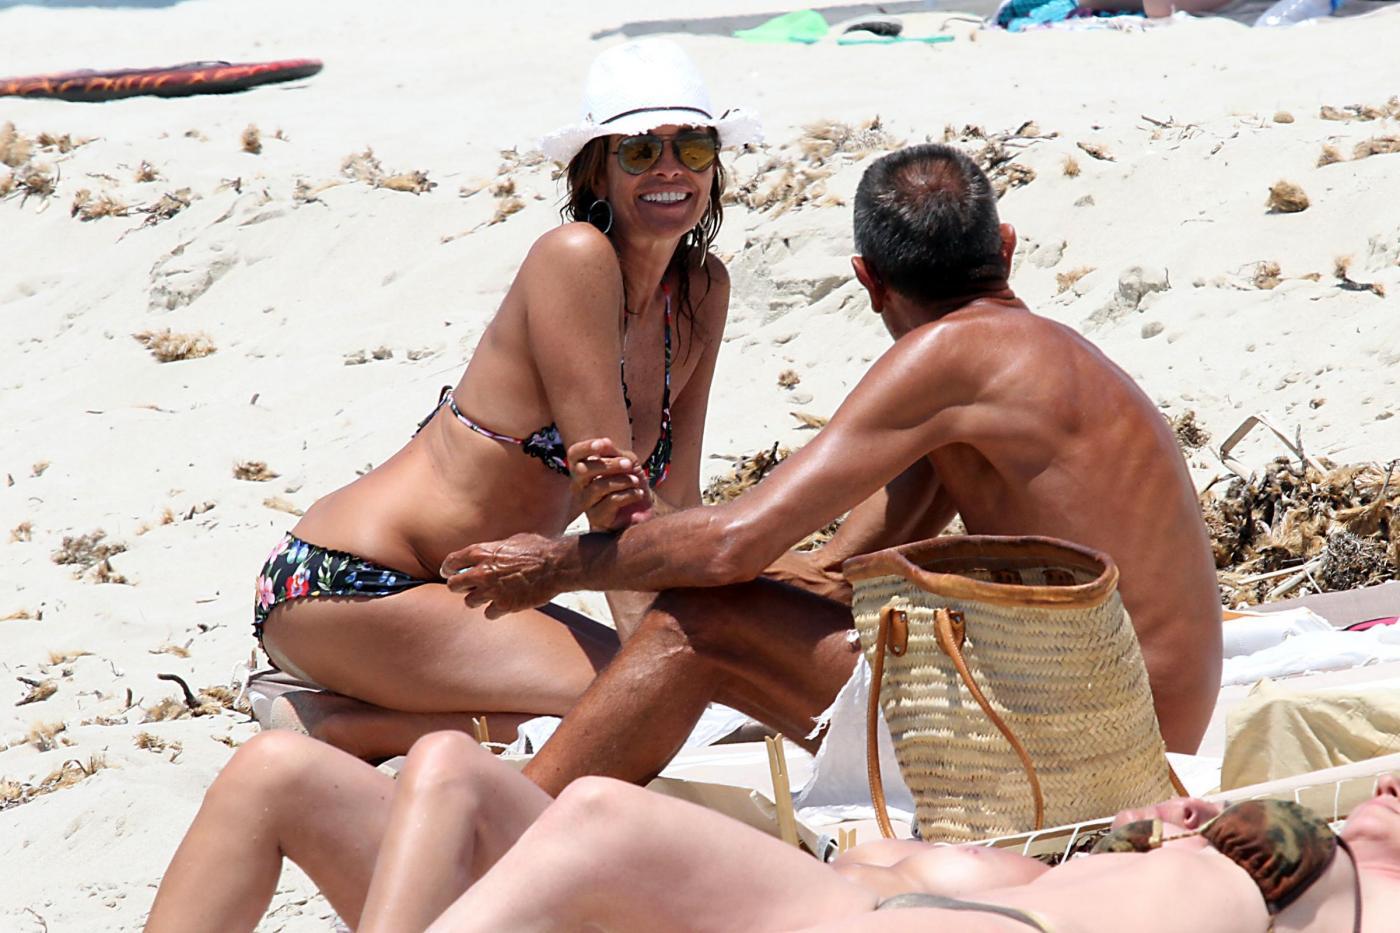 Cristina Parodi, tintarella a Formentera con amiche: topless perfetto a 50 anni 14